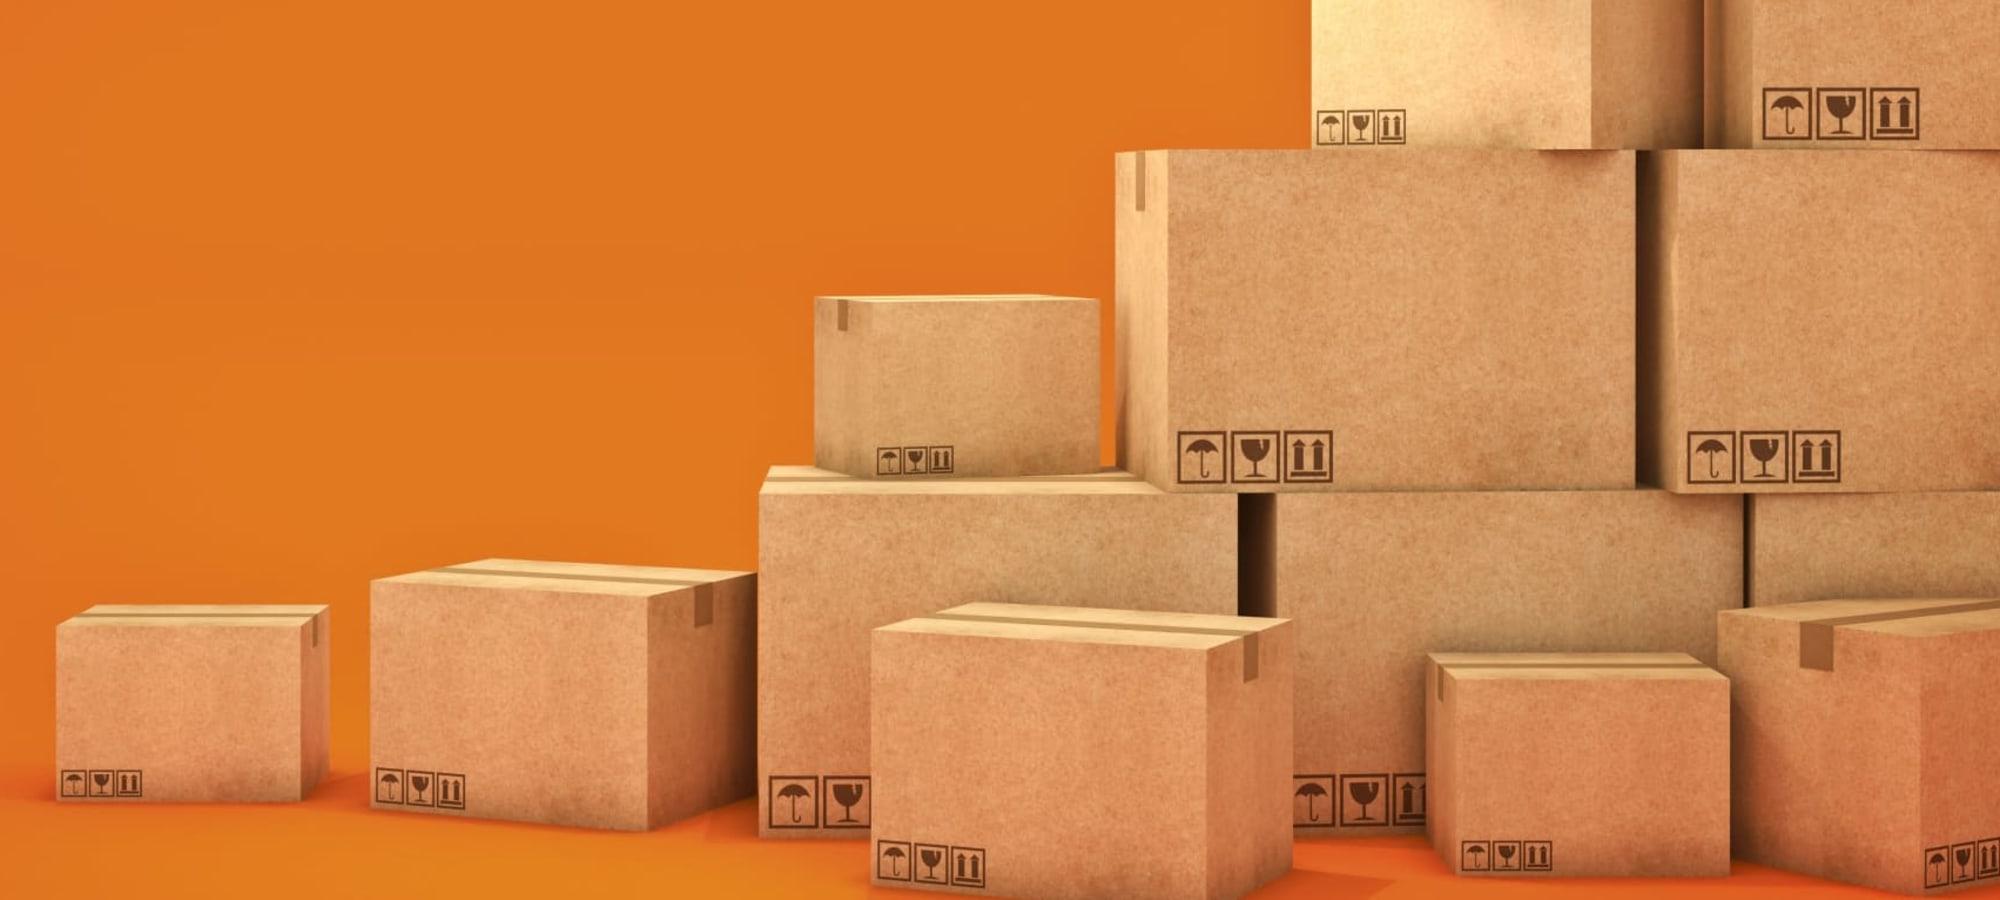 Clutter Self Storage in Culver City California